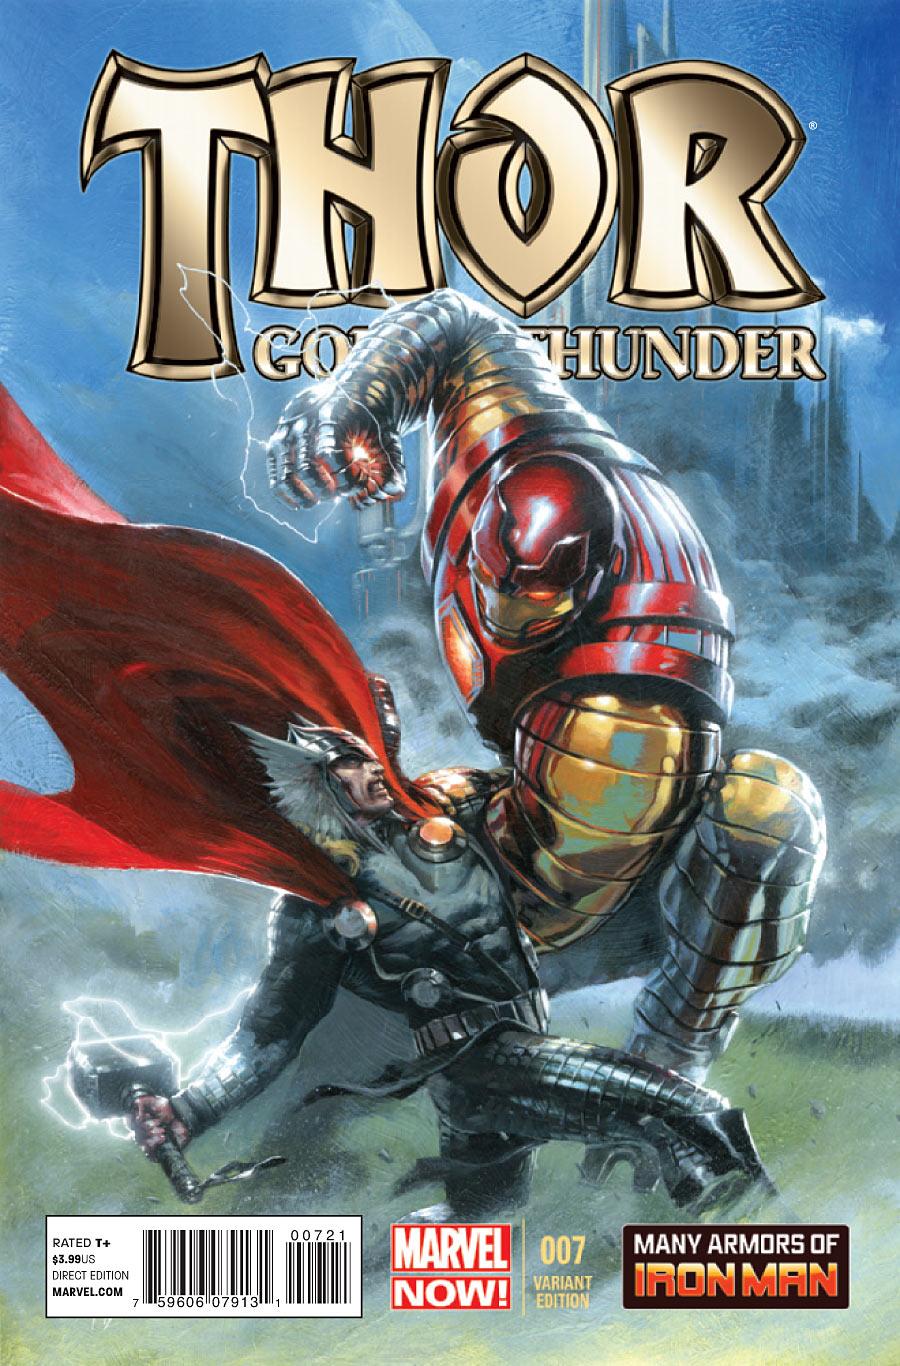 Thor: God of Thunder Vol 1 7 - Marvel Comics Database  Thor